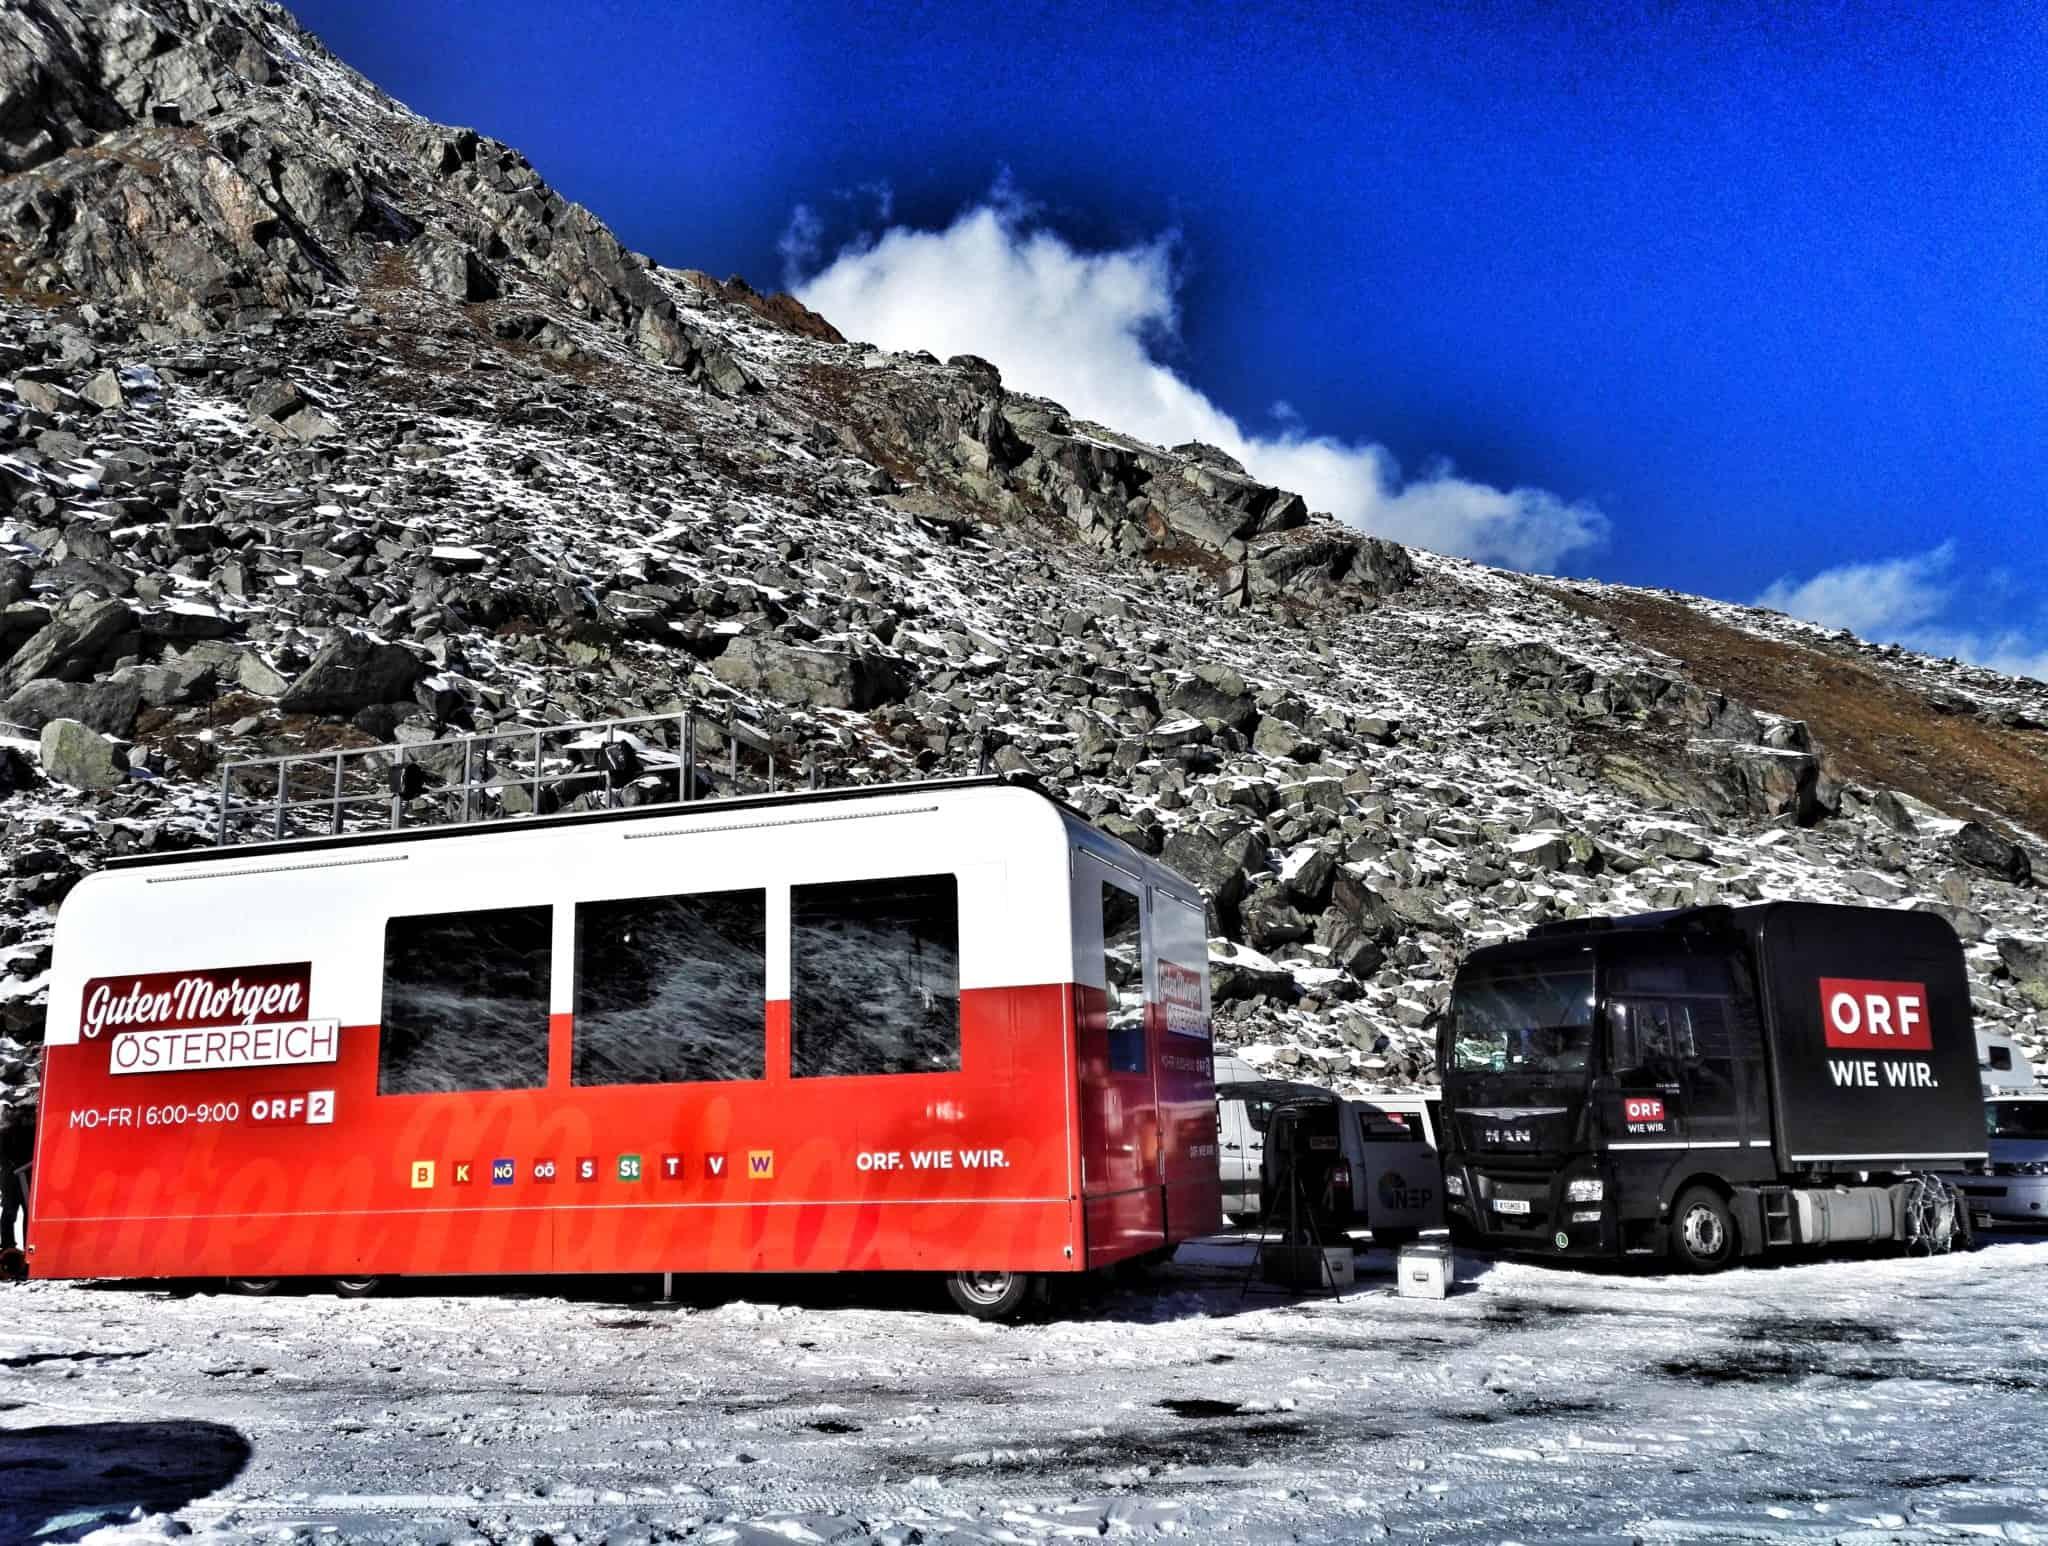 ORF GUTEN MORGEN OESTERREICH TIROL SOELDEN 6 - ORF Guten Morgen Österreich - Tirol Woche